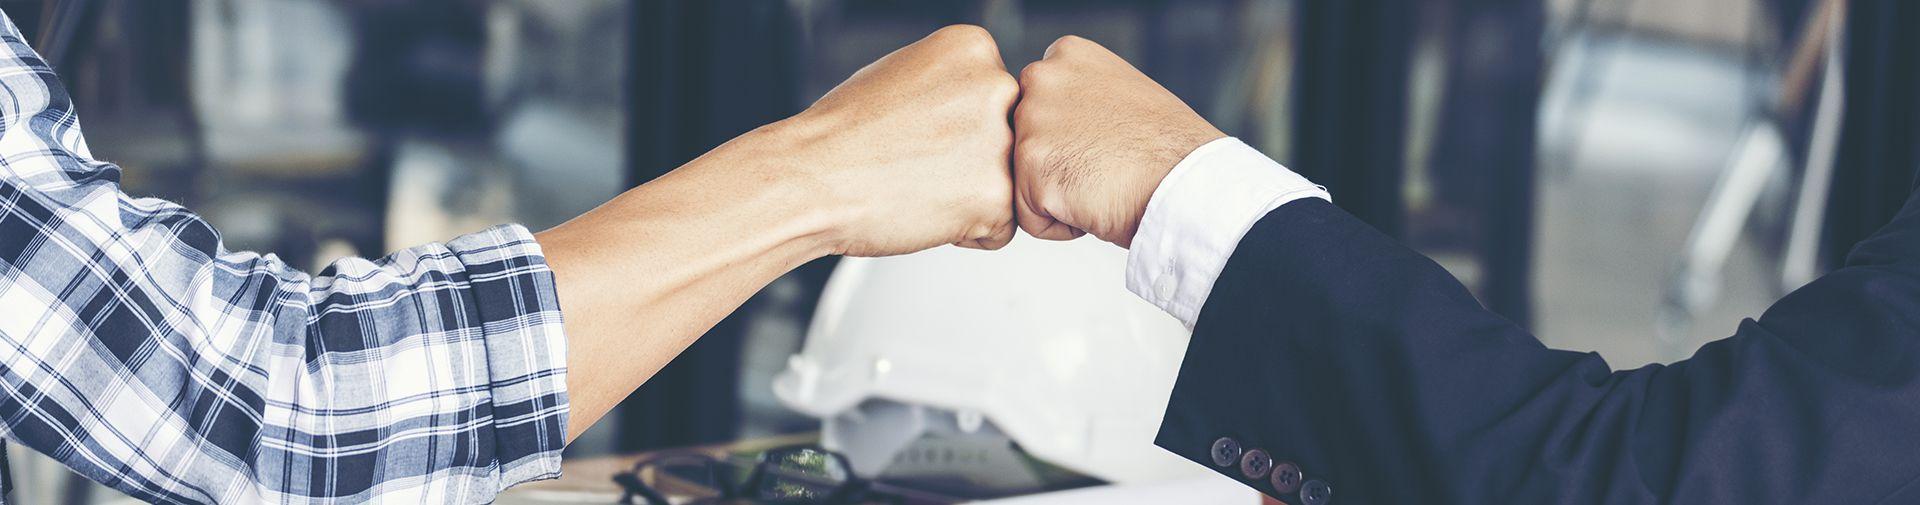 Partnerunternehmen constancy GmbH